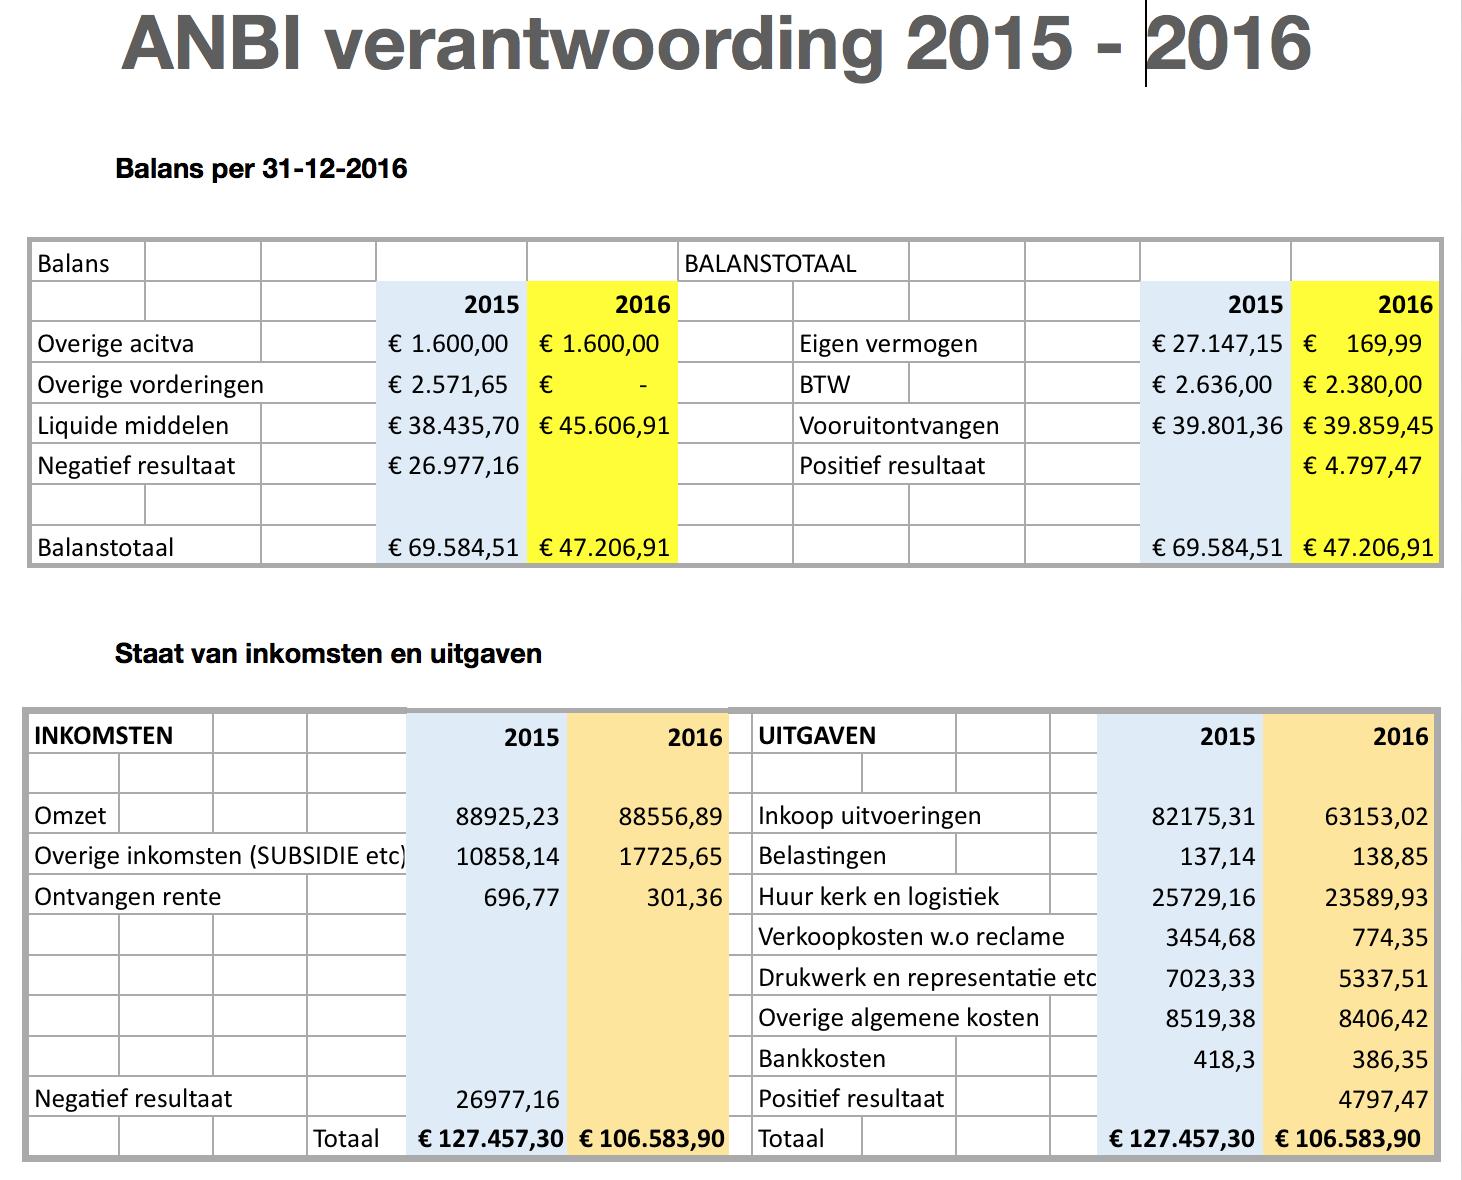 Bach Comite ANBI verantwoording 2015 2016